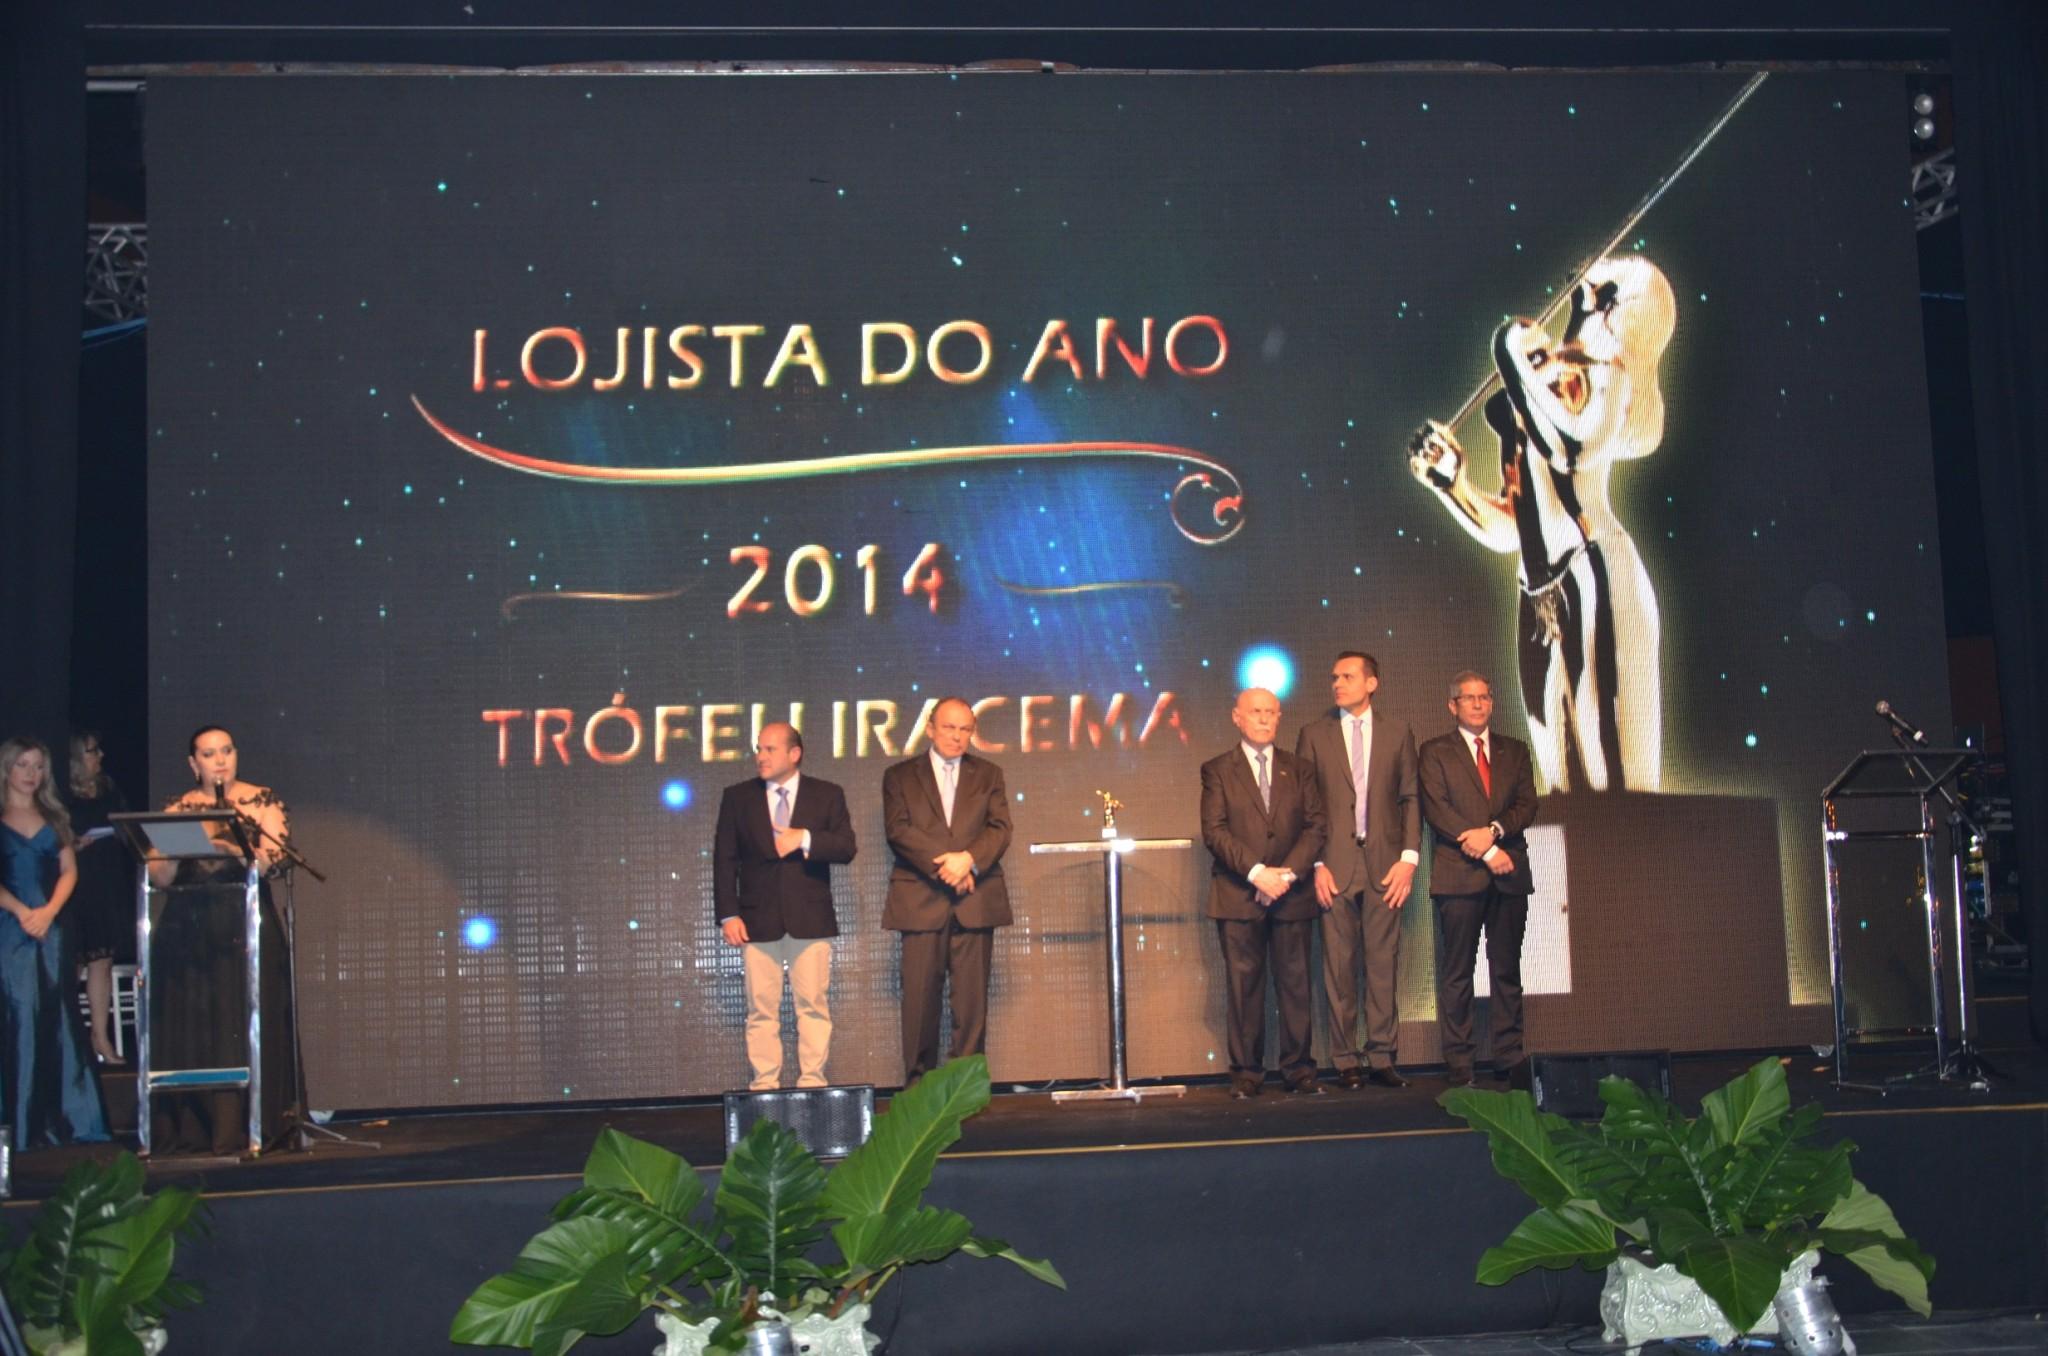 CDL Fortaleza empossa diretoria e entrega Troféu Iracema